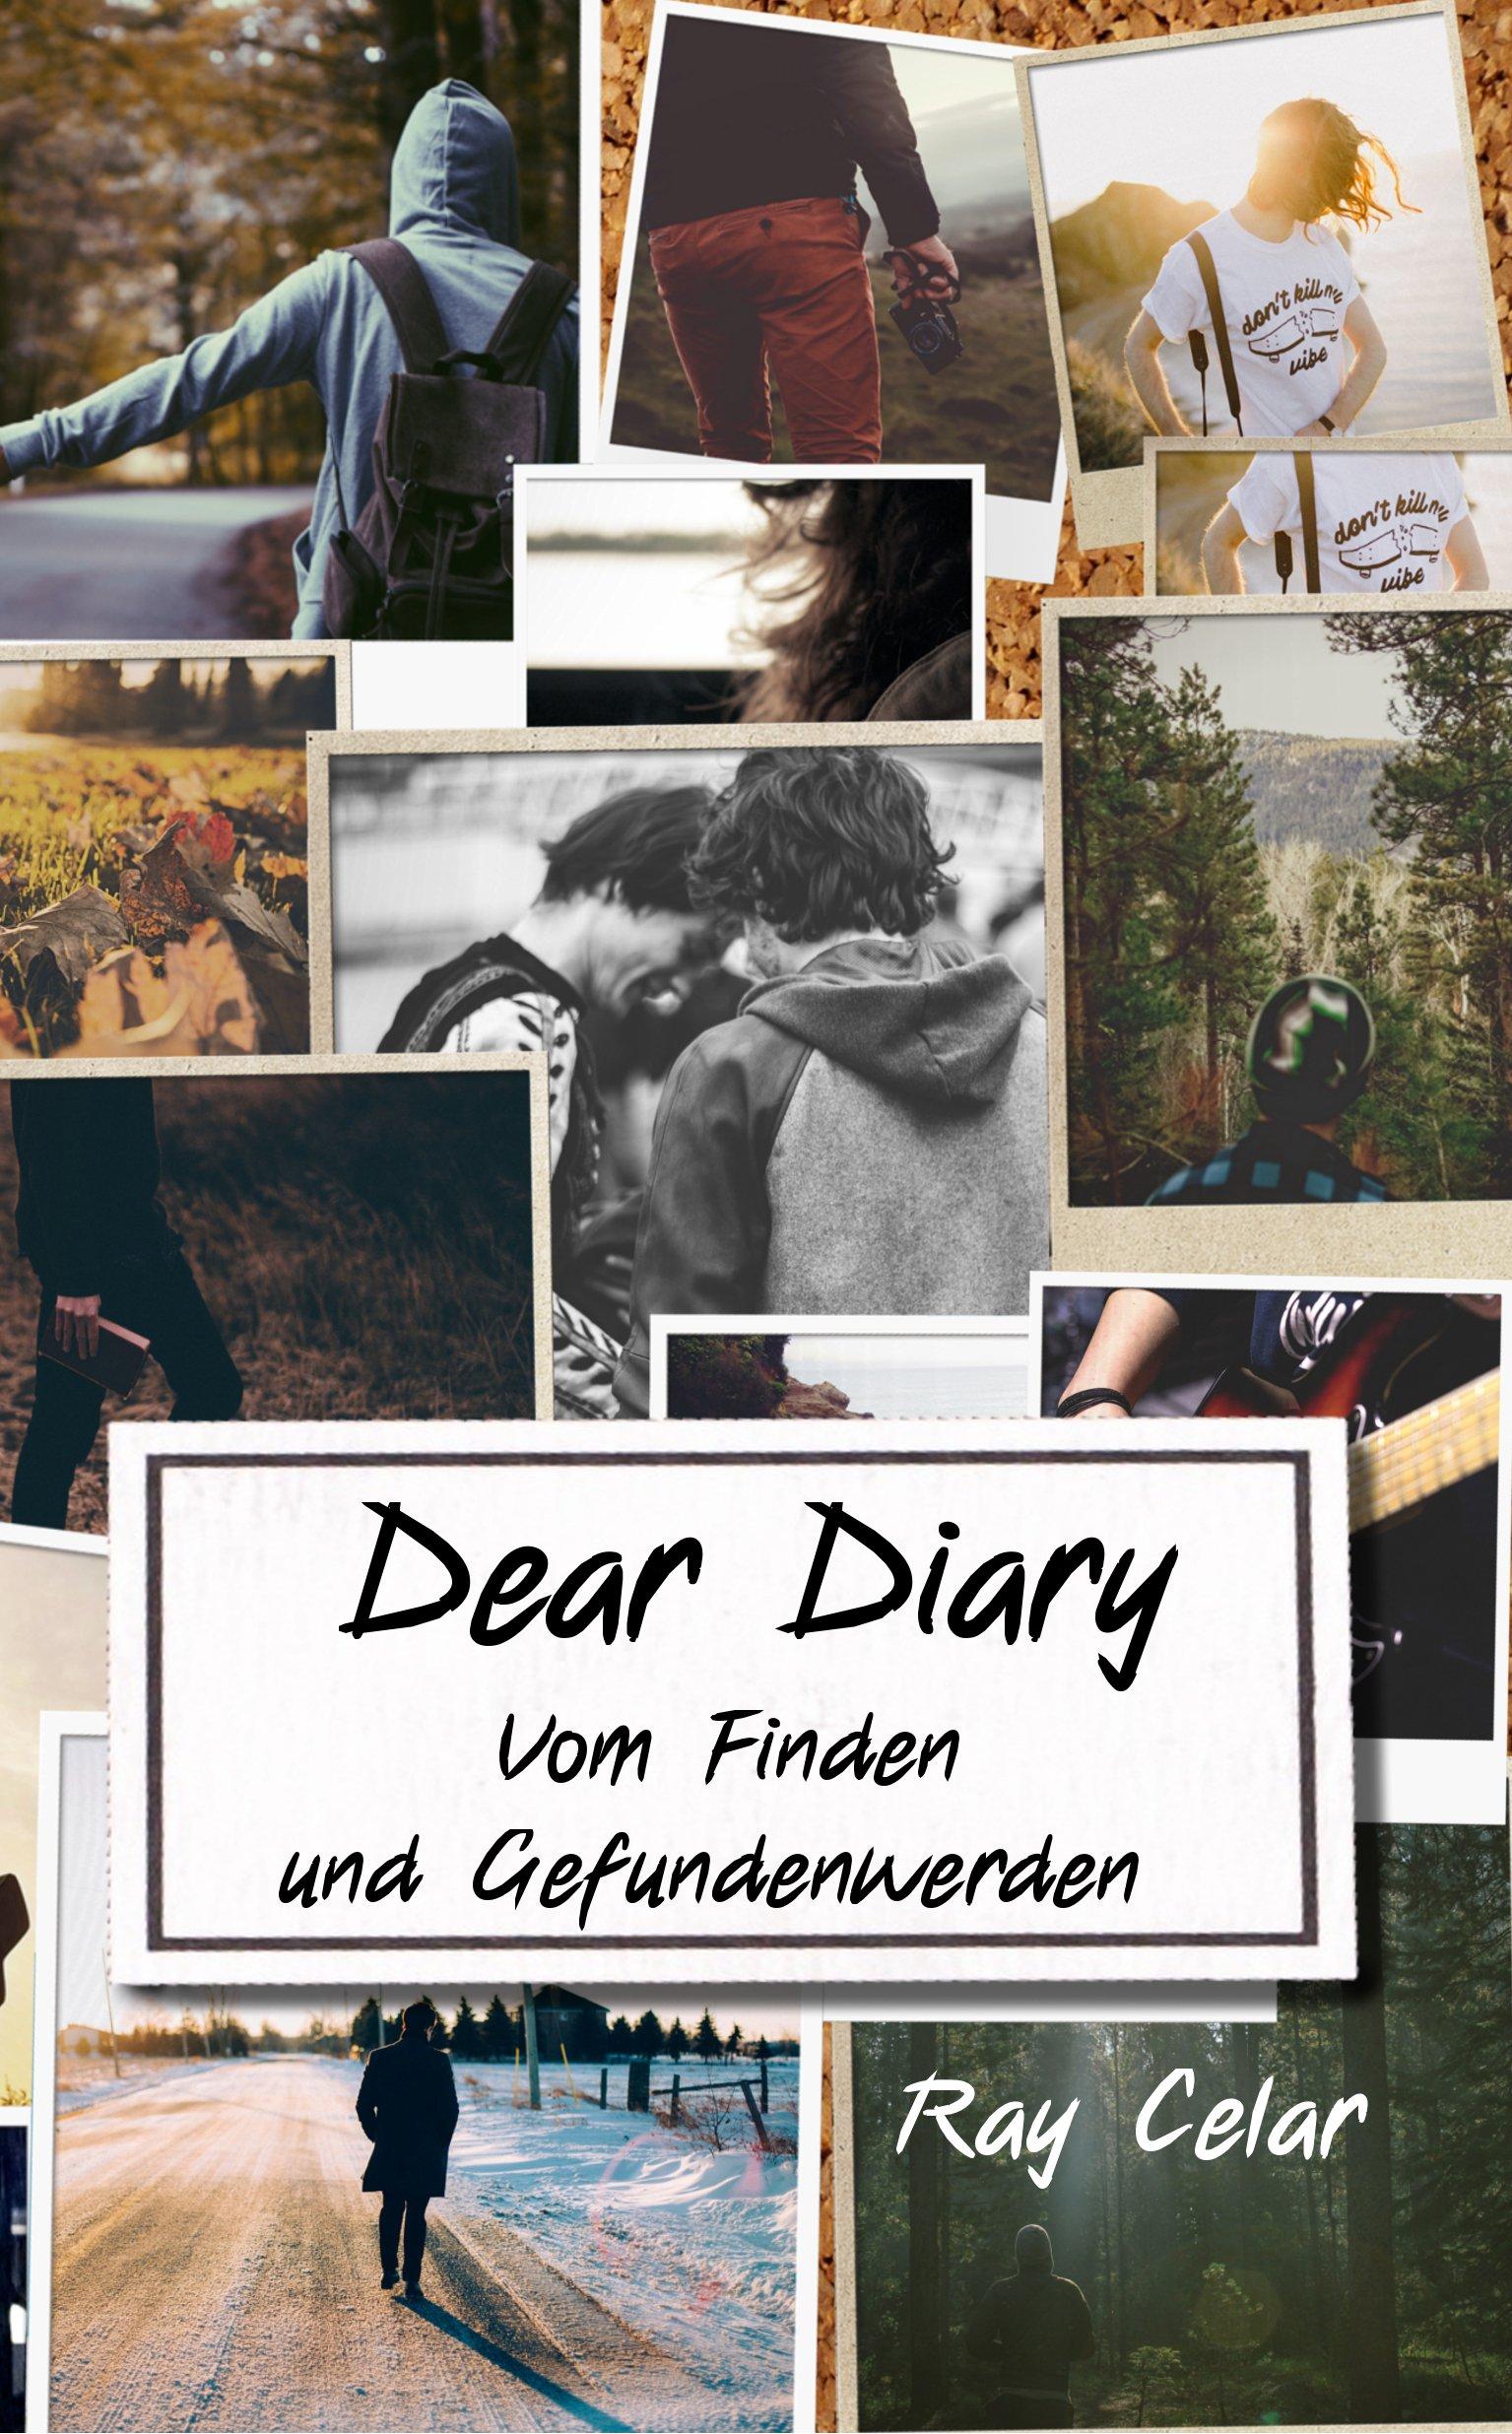 Dear Diary: Vom Finden unf Gefundenwerden